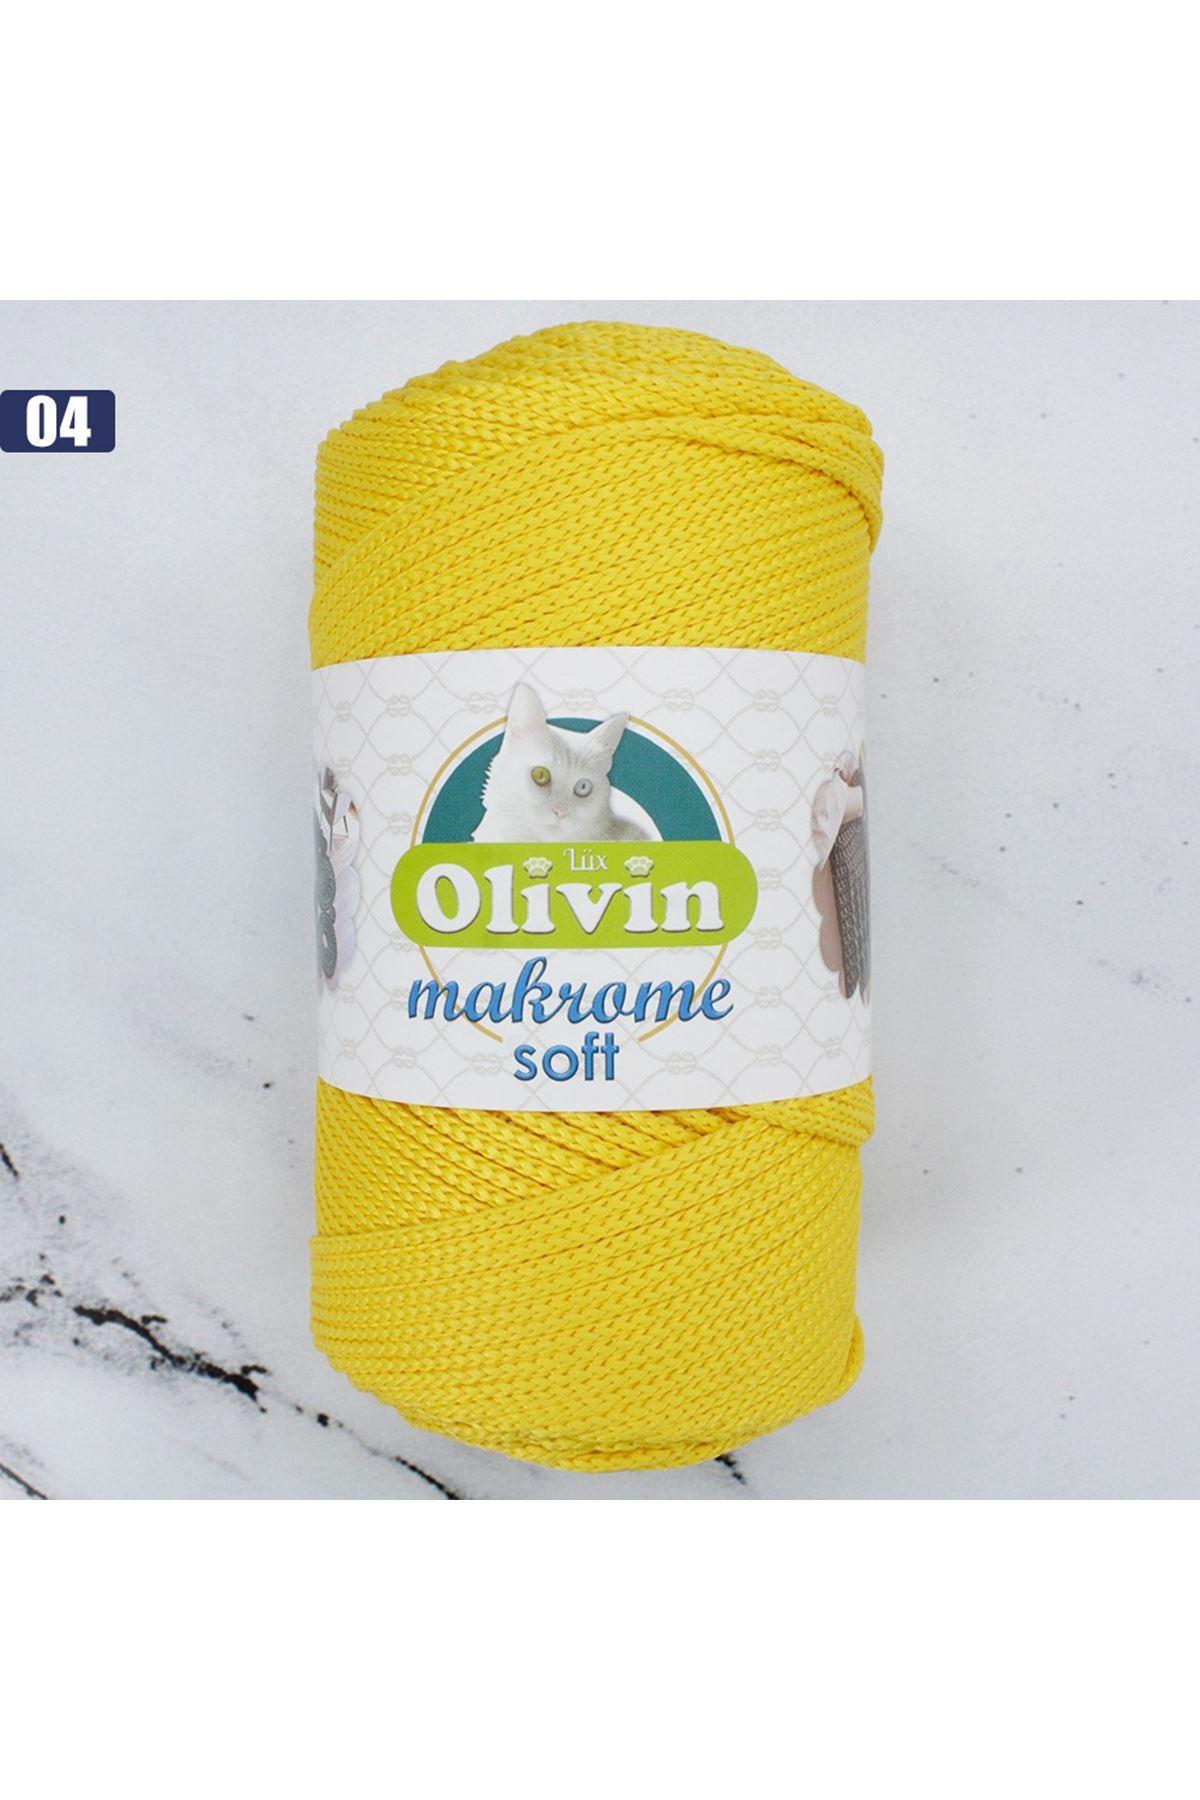 Olivin Makrome Soft 04